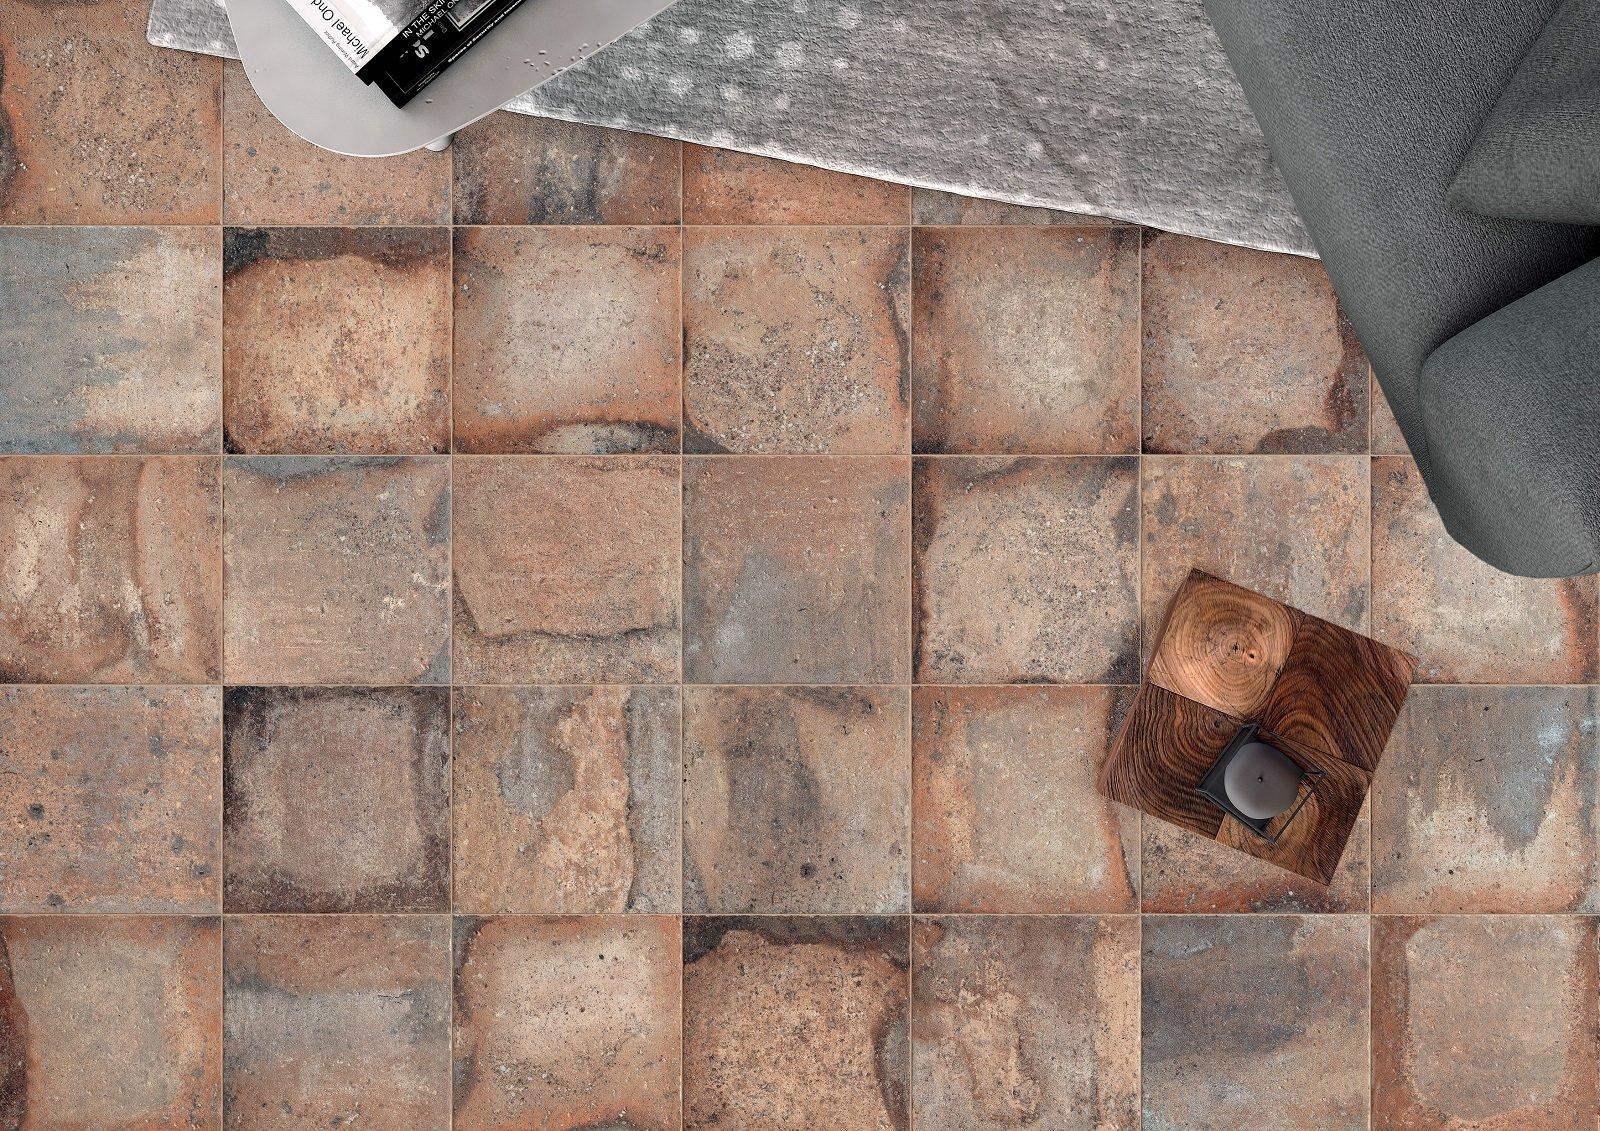 Pavimentazioni esterne piastrelle di piccolo o grande formato per